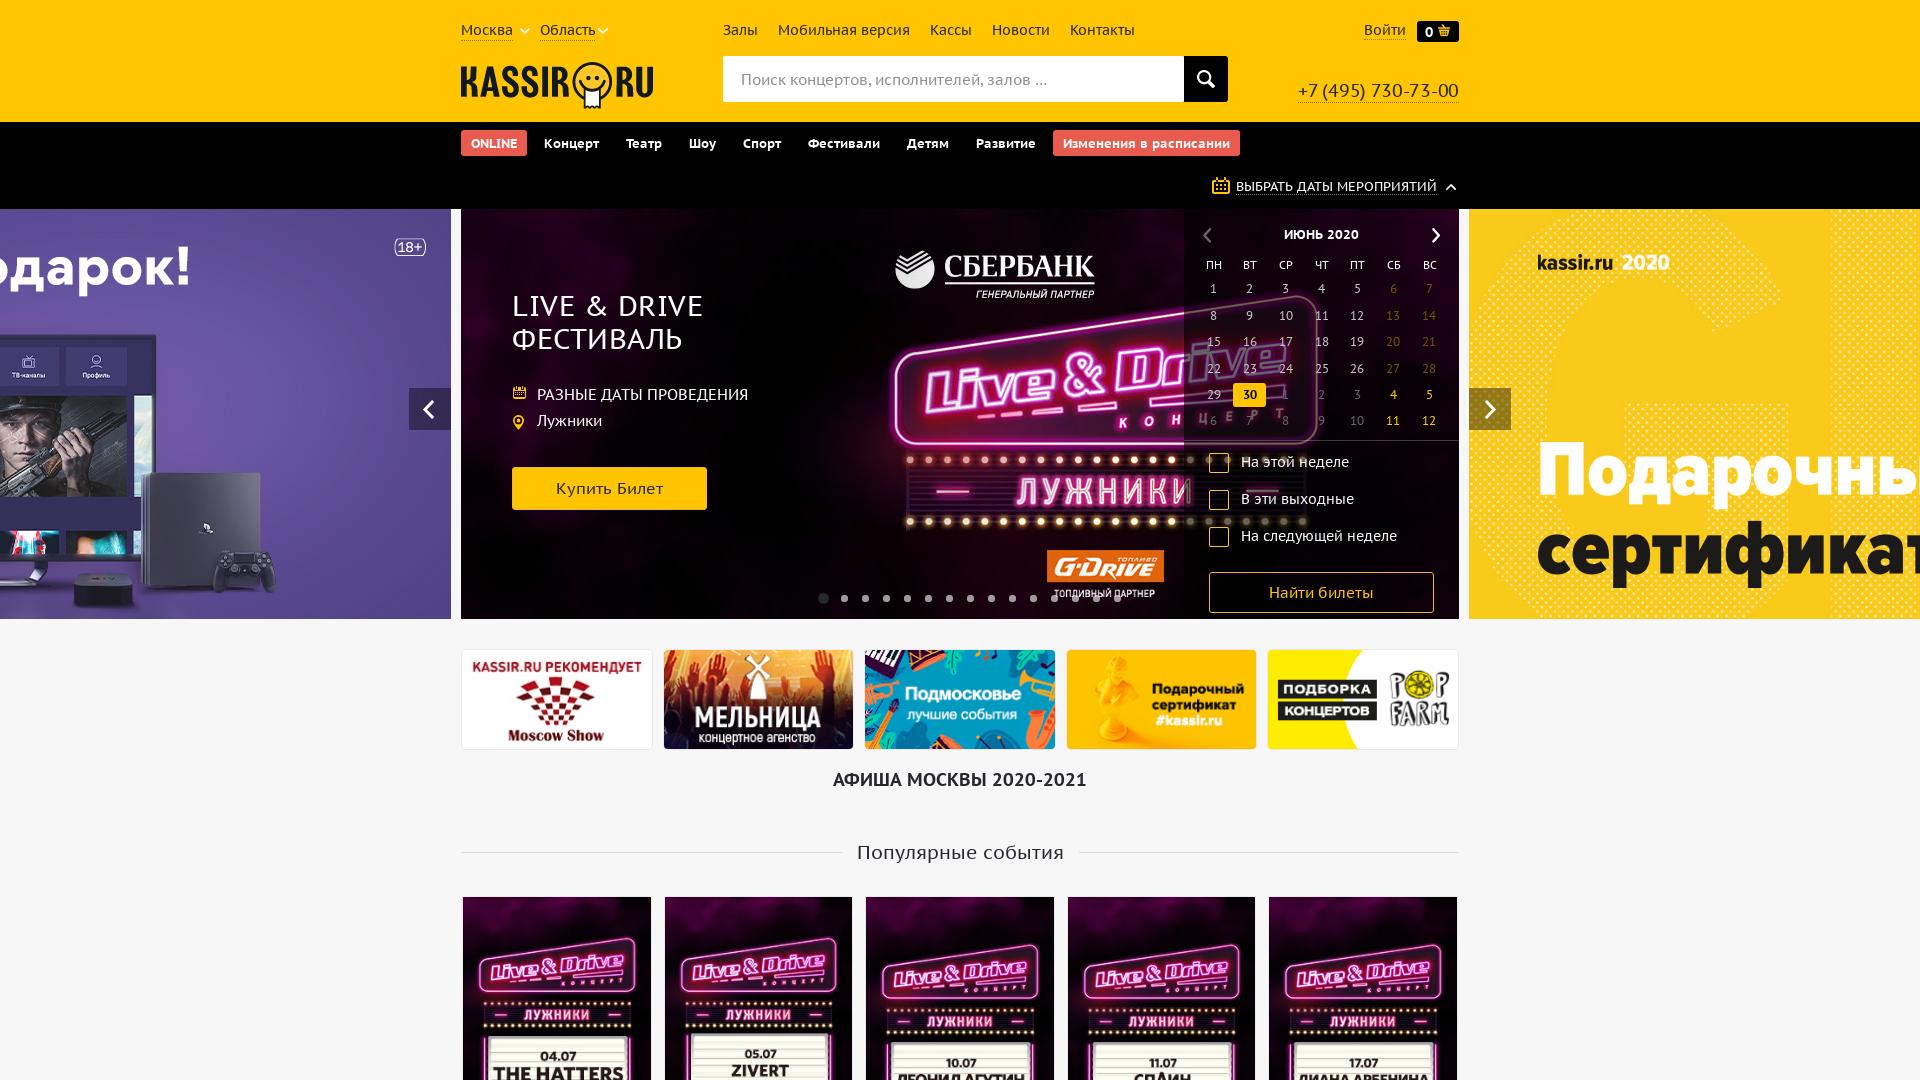 Kassir website